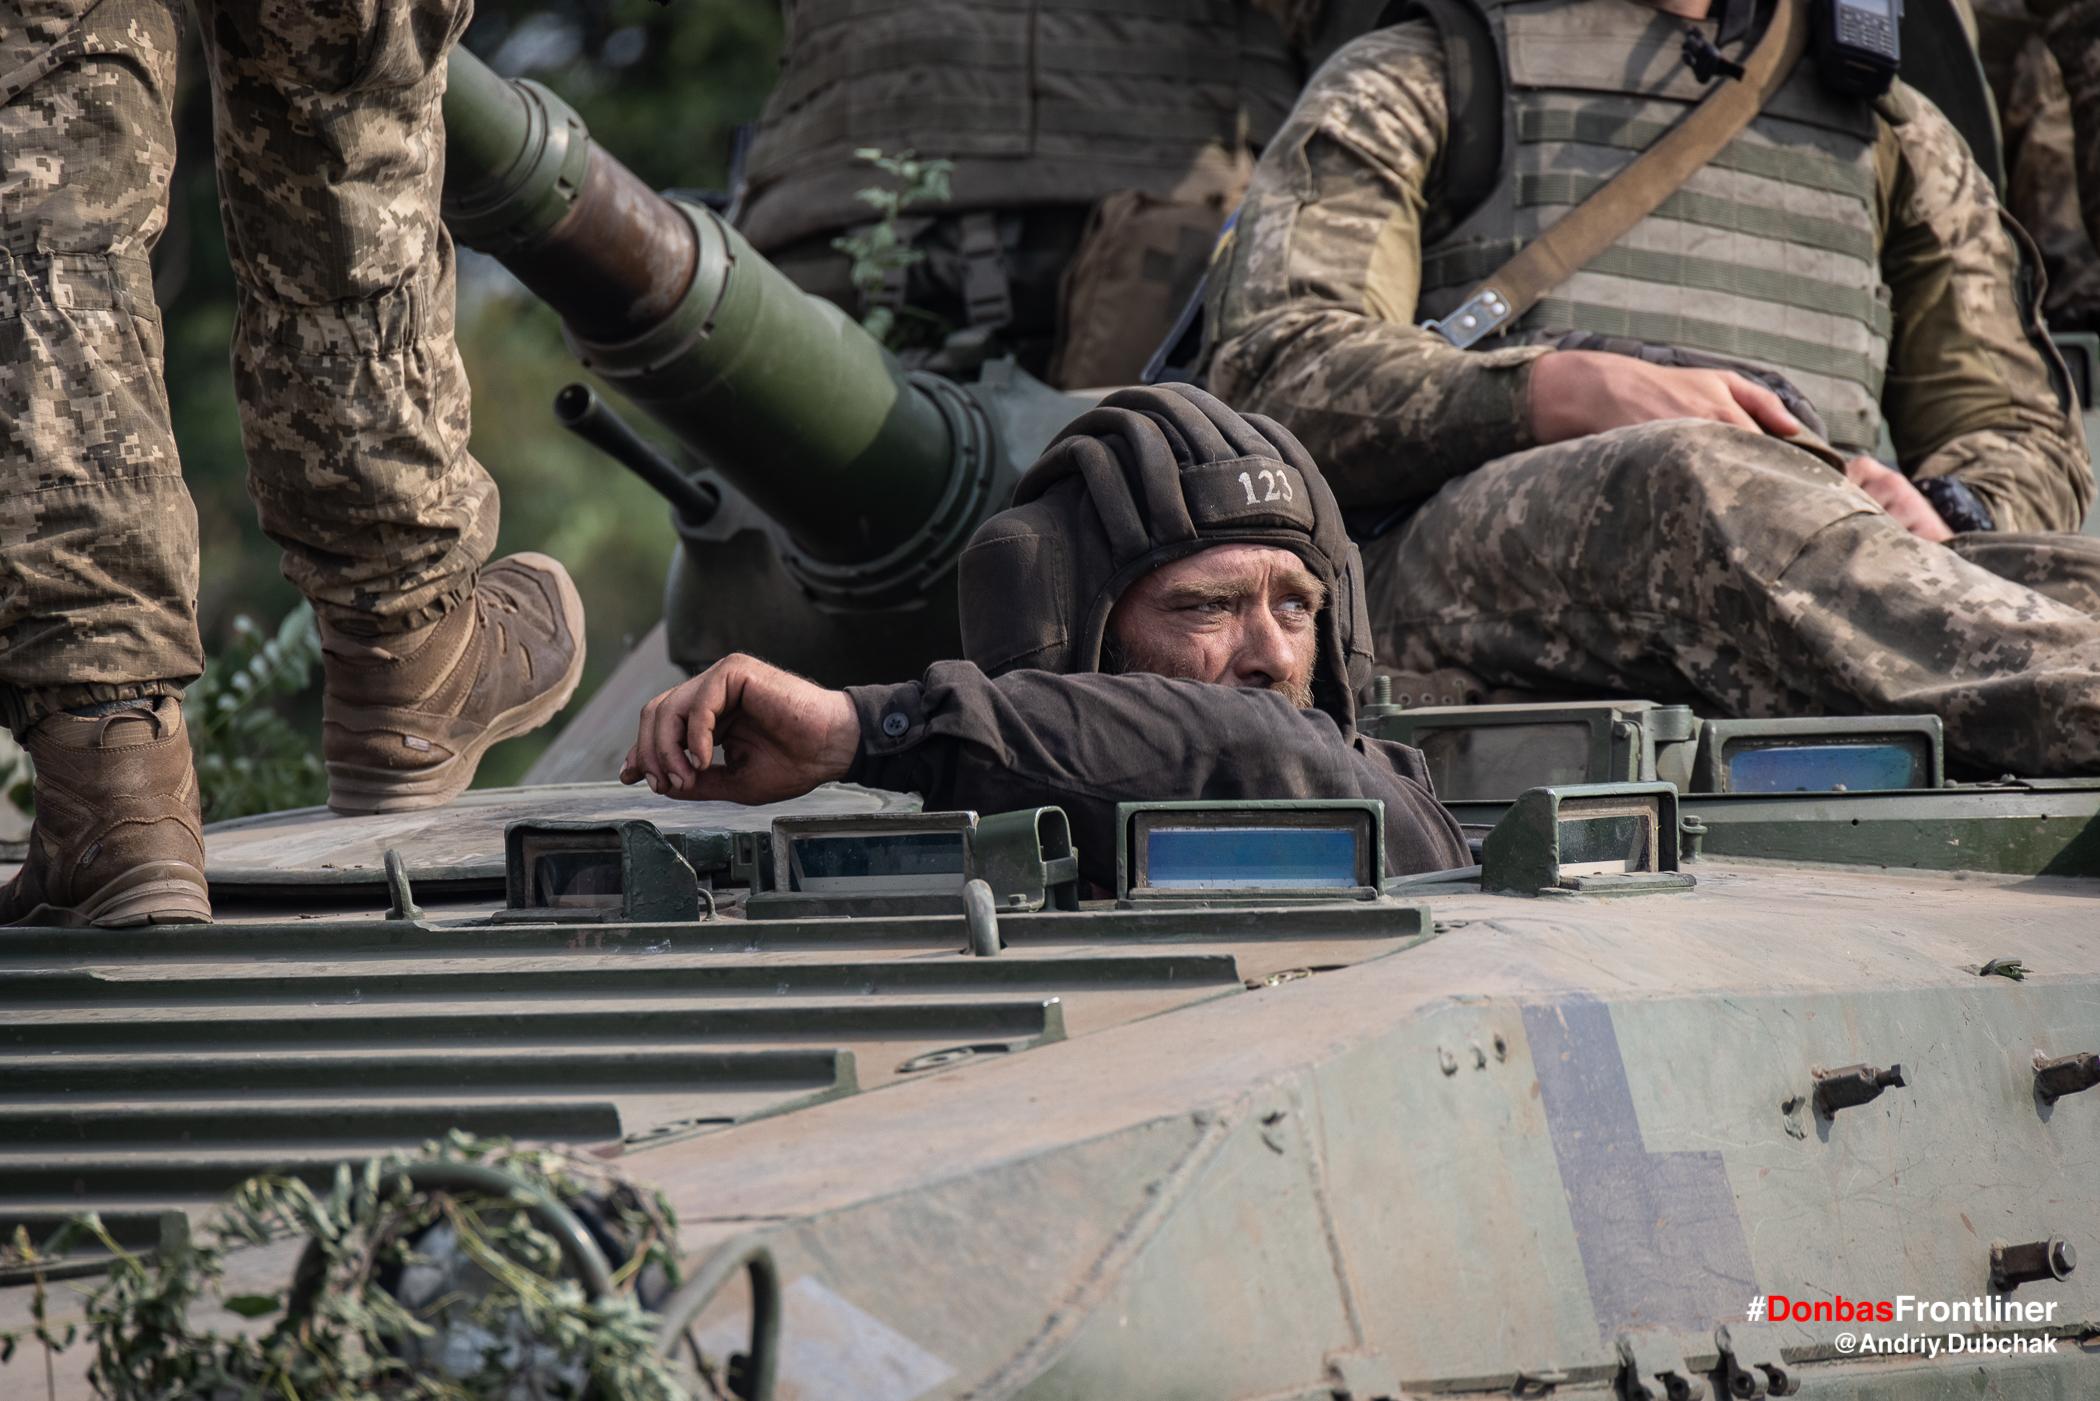 Водій БМП. Бойове тренування 503-го батальйону морської піхоти на Приазов'ї, липень 2021 року